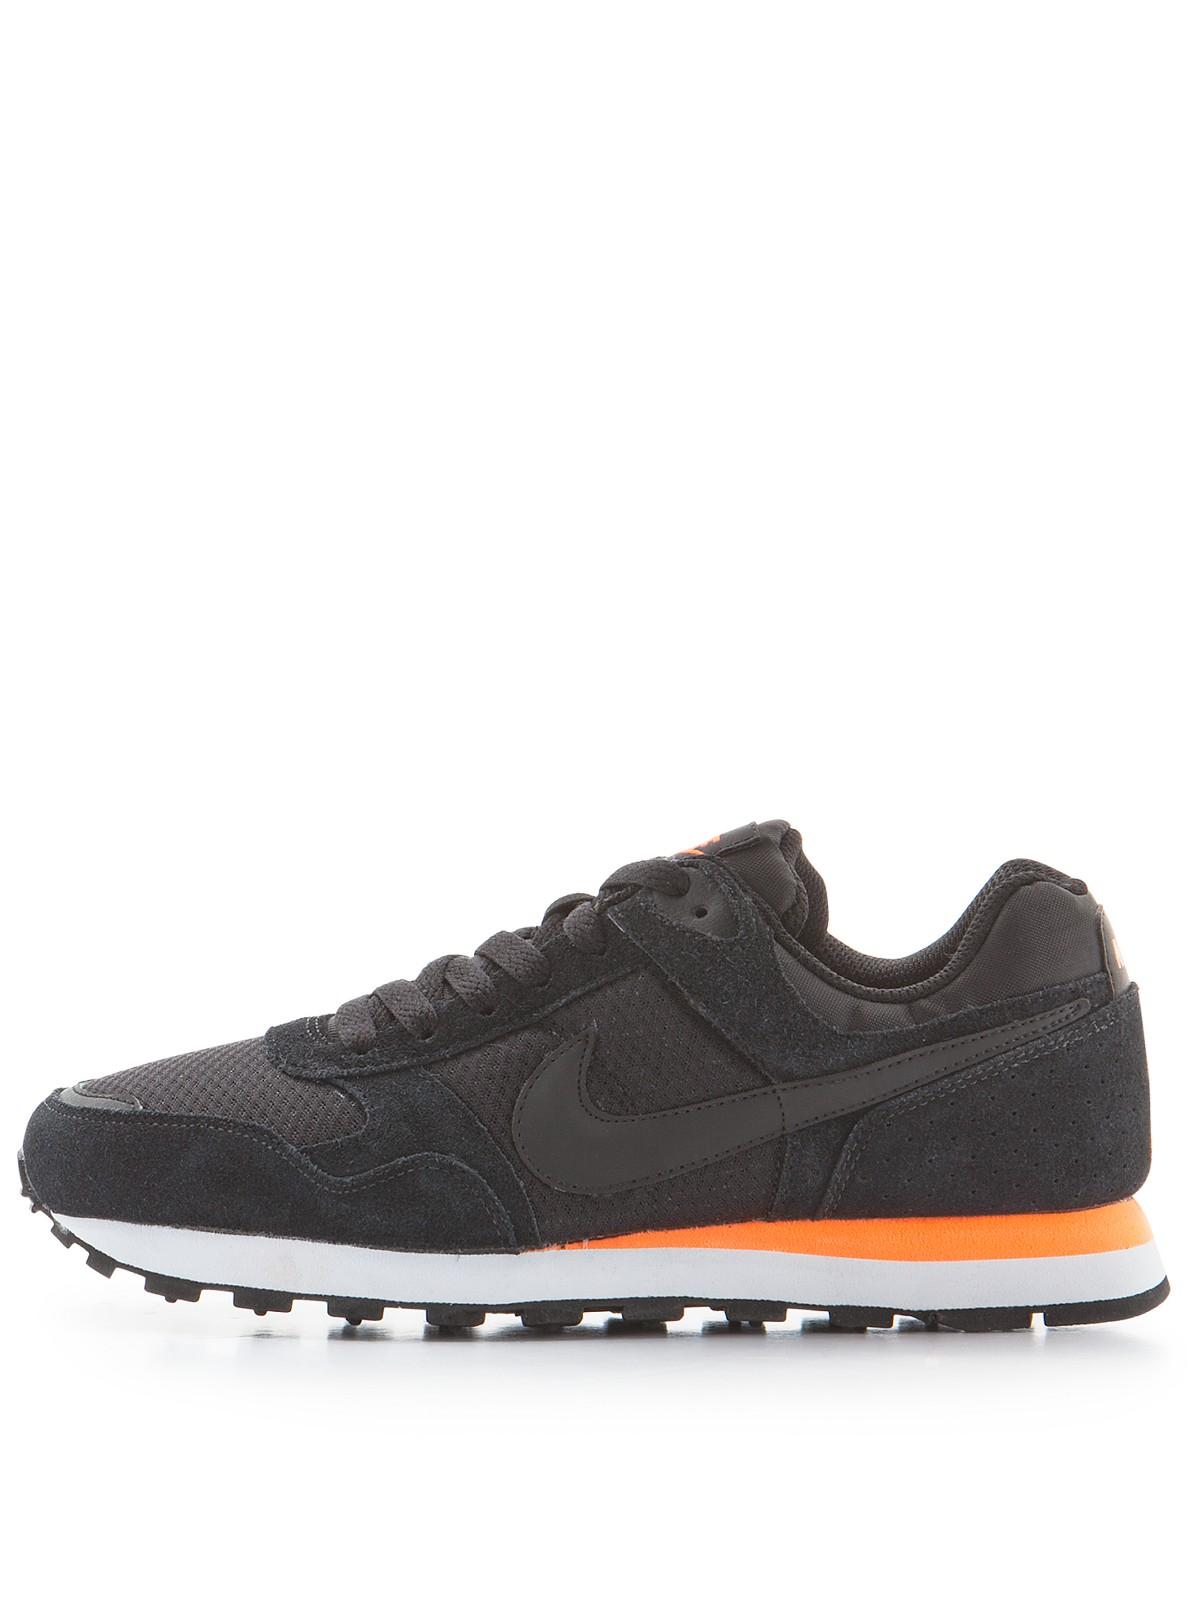 nike md runner trainers in orange for men black orange lyst. Black Bedroom Furniture Sets. Home Design Ideas